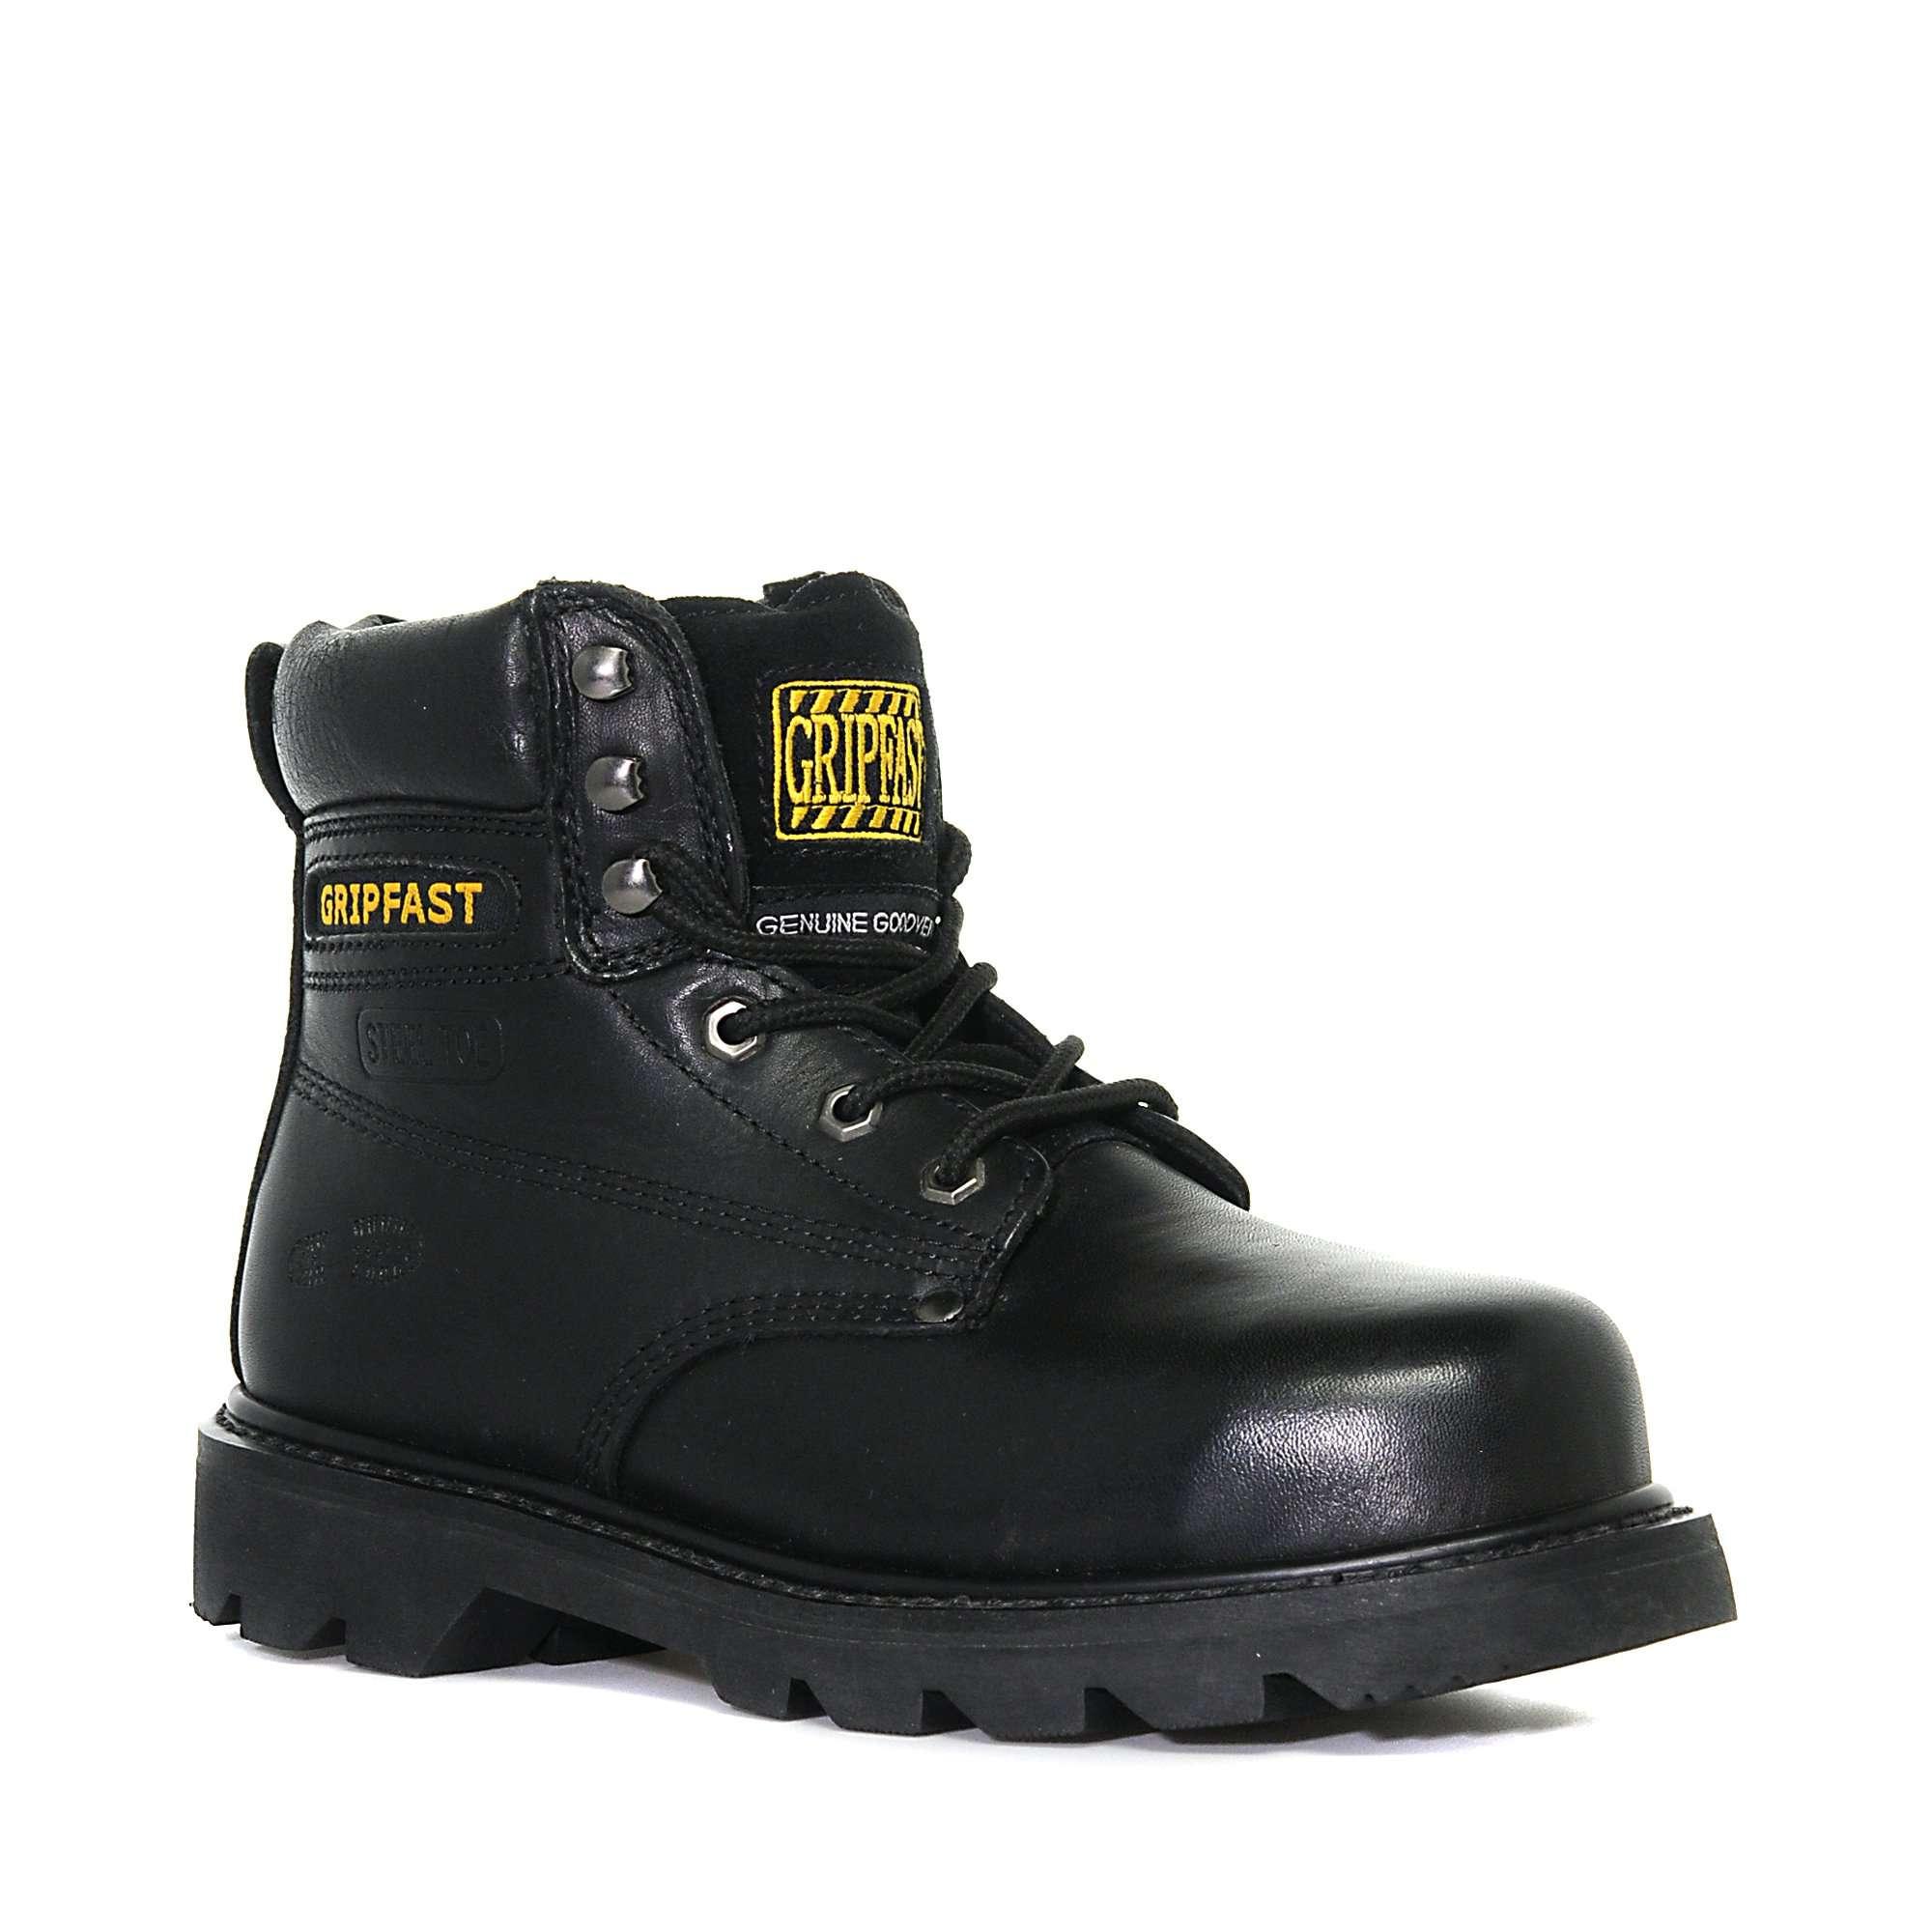 GRIPFAST Diversion Industrial Shoes